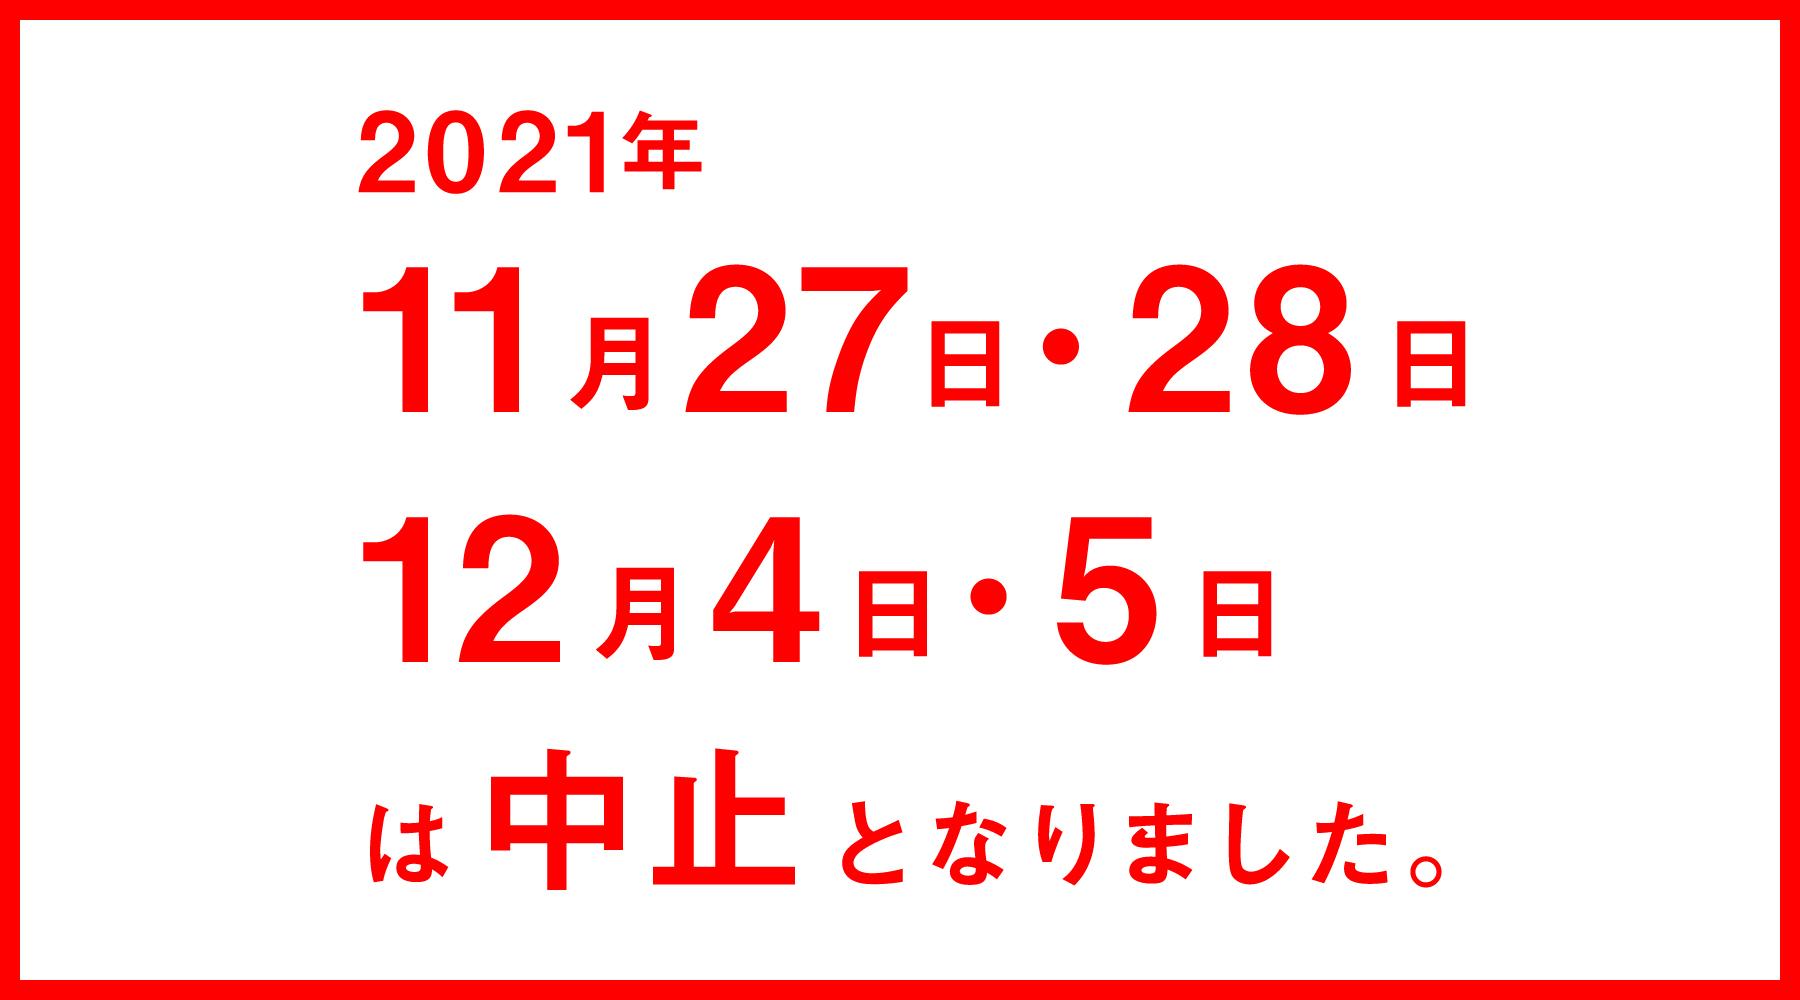 2021年5月29日(土)・30日(日)・6月5日(土)・6日(日)は中止となりました。